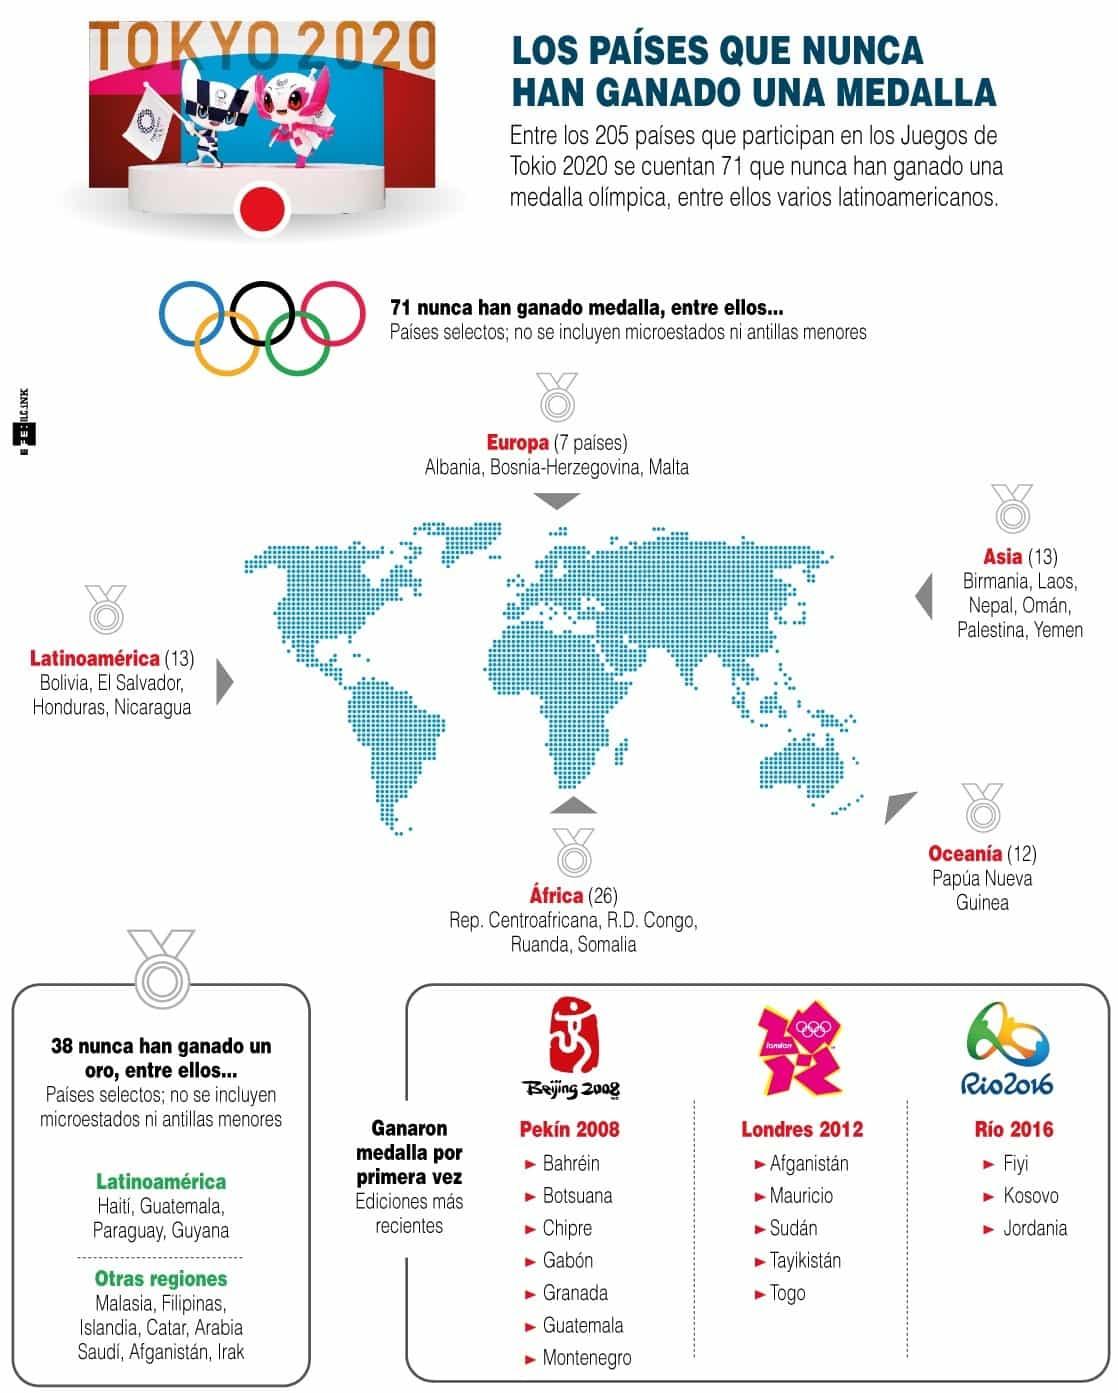 [Infografía] Los países que nunca han ganado una medalla en los Olímpicos 1